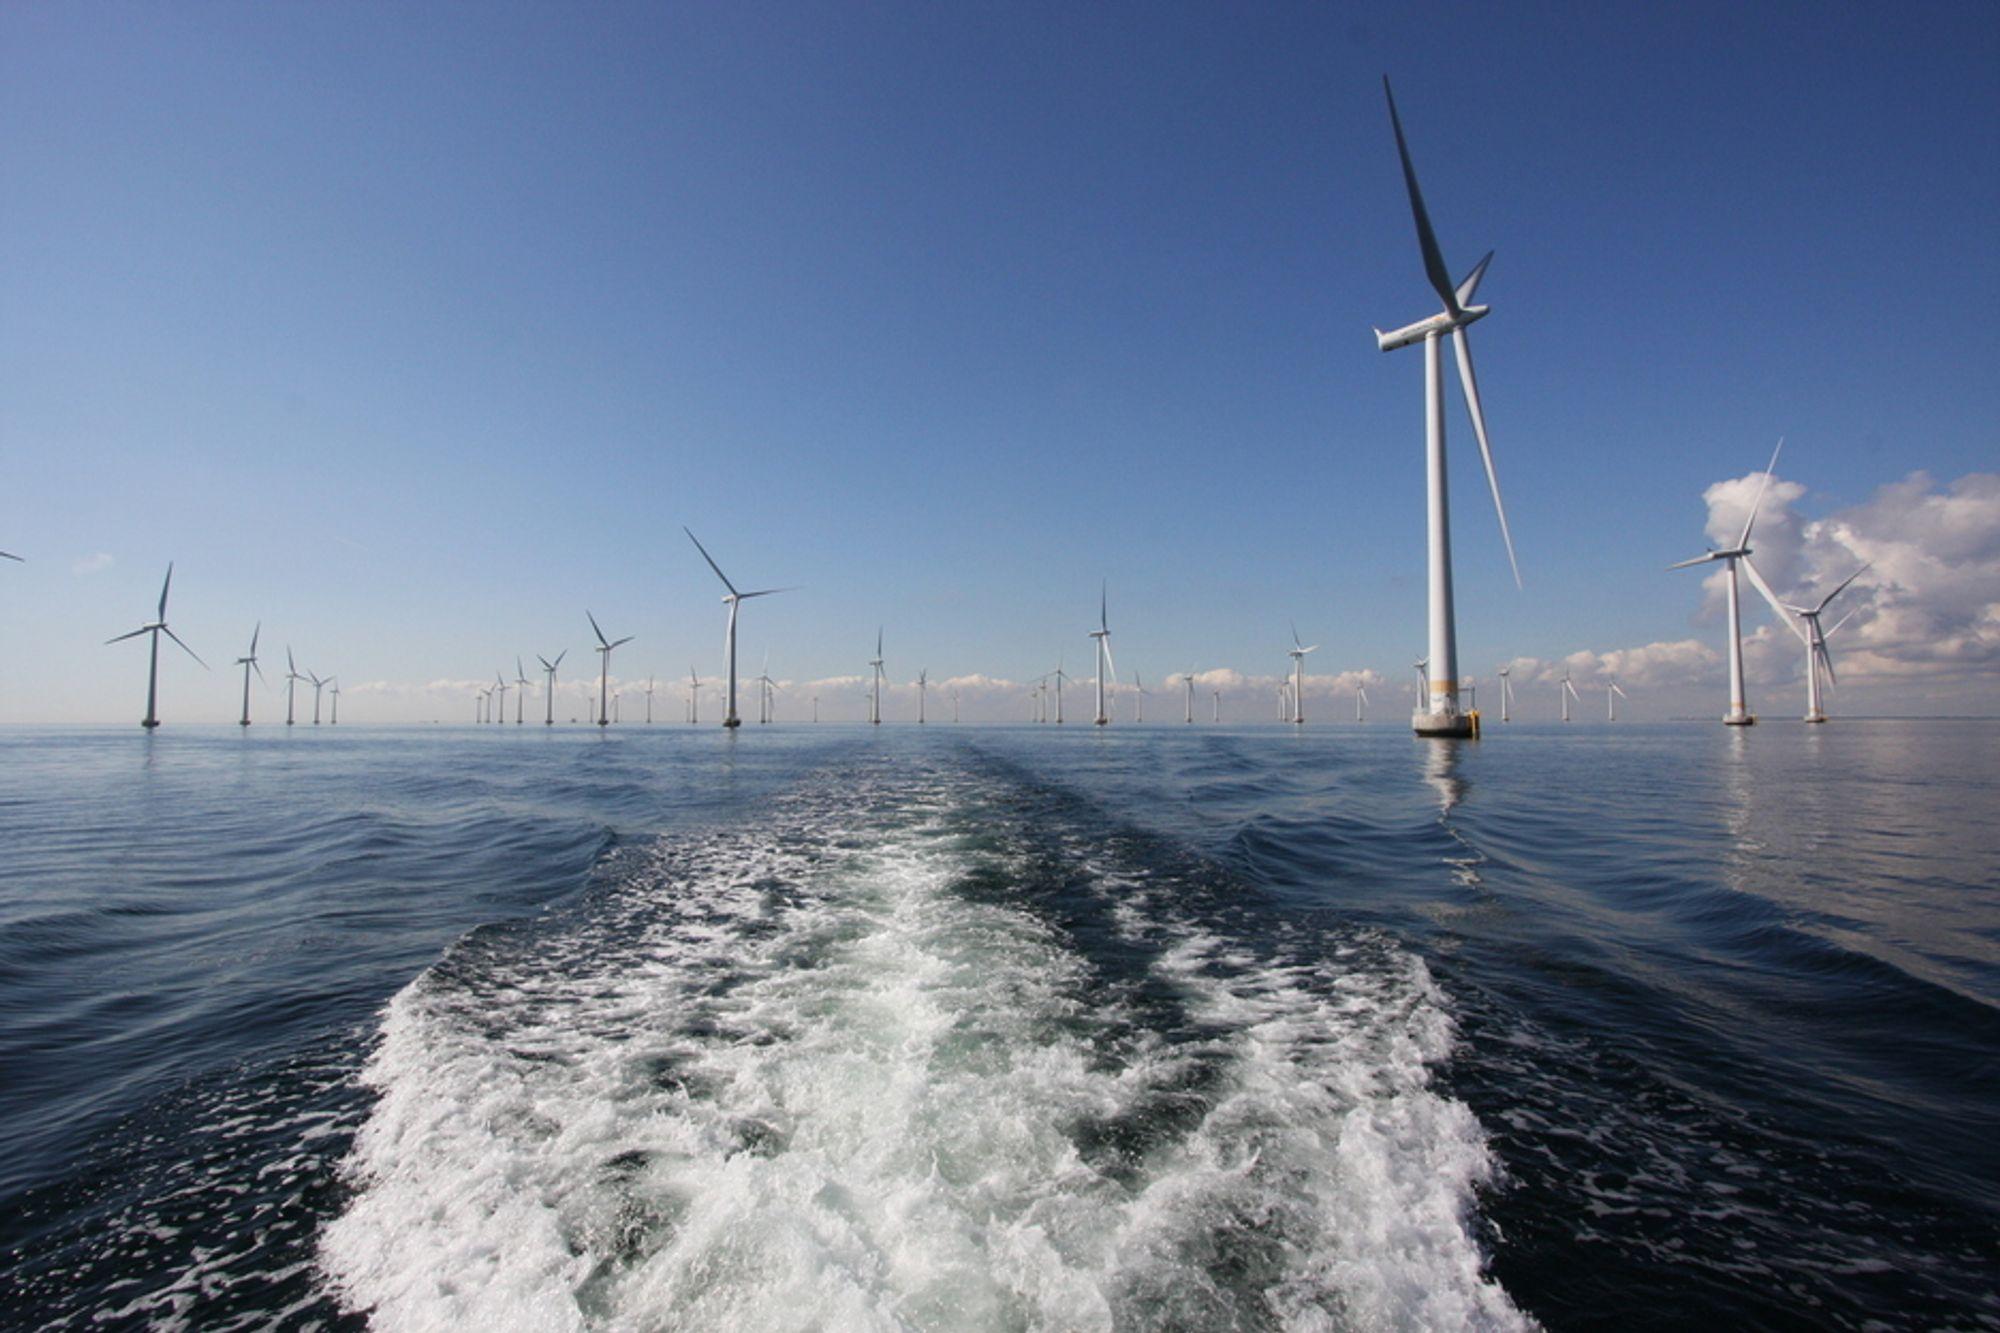 Mangel på finansiering holder europeisk havvind tilbake, mener lederen i EWEA.